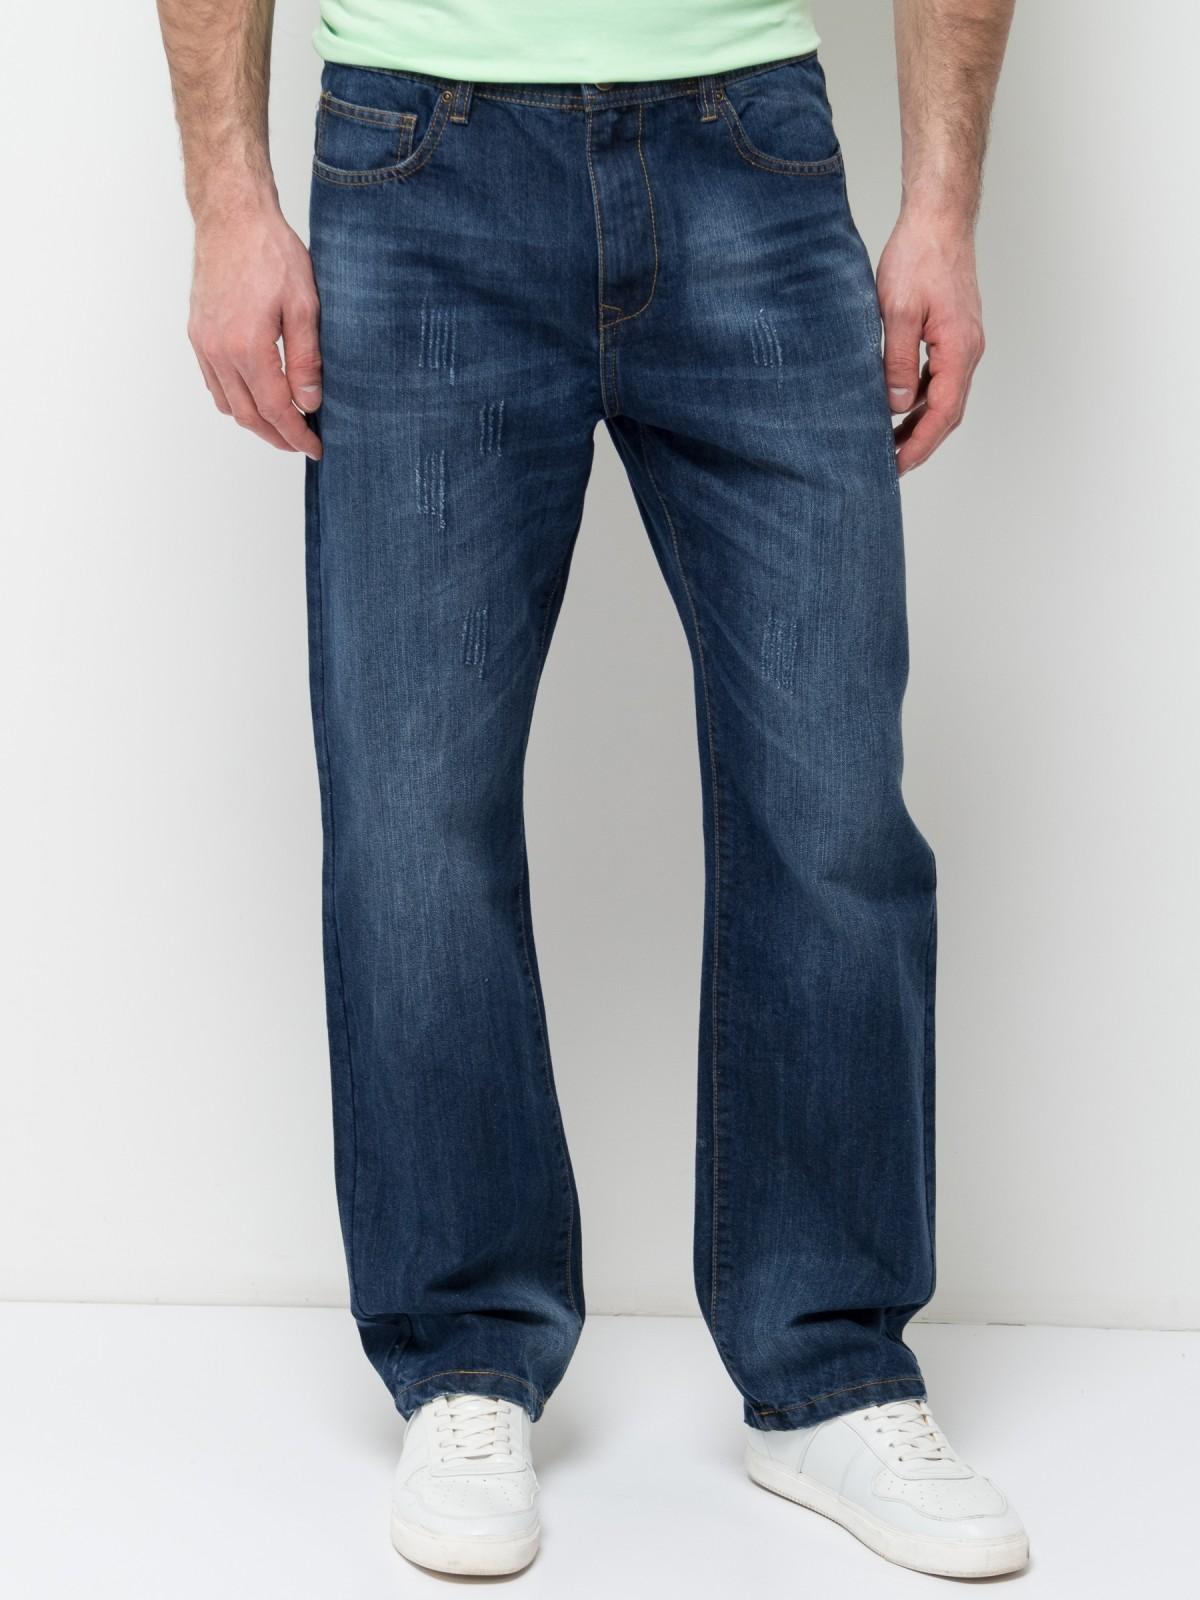 Джинсы мужские Sela Denim, цвет: синий джинс. PJ-235/1082-7253. Размер 30-32 (46-32)PJ-235/1082-7253Стильные мужские джинсы Sela, изготовленные из качественного хлопкового материала с потертостями, станут отличным дополнением гардероба. Джинсы прямого кроя и стандартной посадки на талии застегиваются на застежку-молнию и пуговицу. На поясе имеются шлевки для ремня. Модель представляет собой классическую пятикарманку: два втачных и накладной карманы спереди и два накладных кармана сзади.